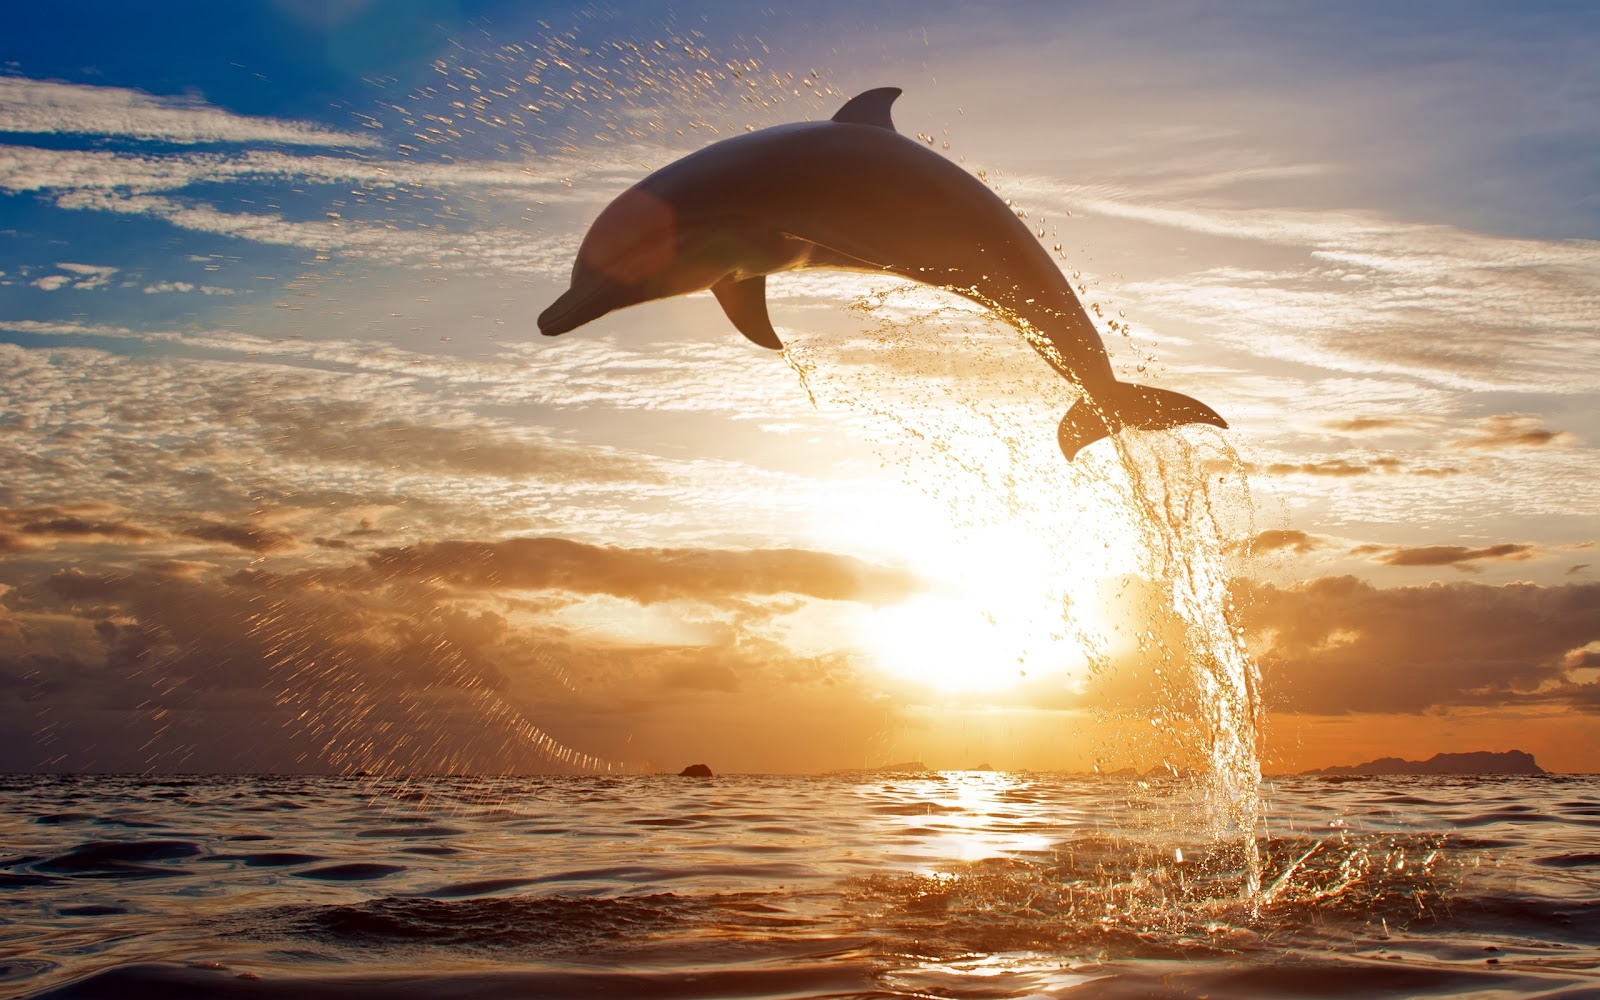 Bienvenidos al nuevo foro de apoyo a Noe #262 / 30.05.15 ~ 02.06.15 - Página 38 Delfin-saltando-en-el-mar-fondos-gratis-para-pc-laptop-y-tablet-imagenes-bonitas-2